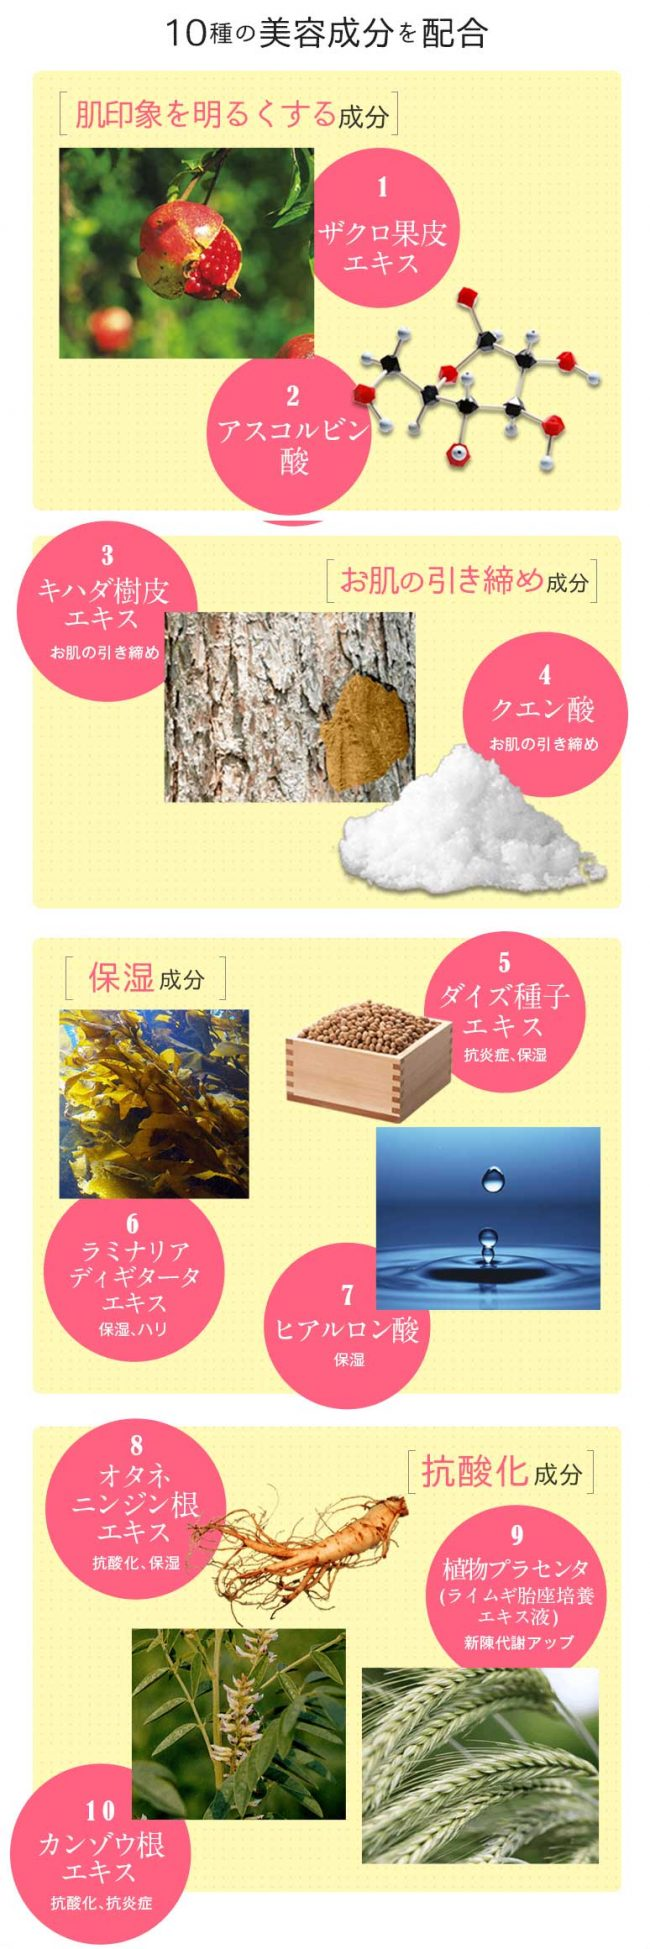 10種類の美容成分を配合